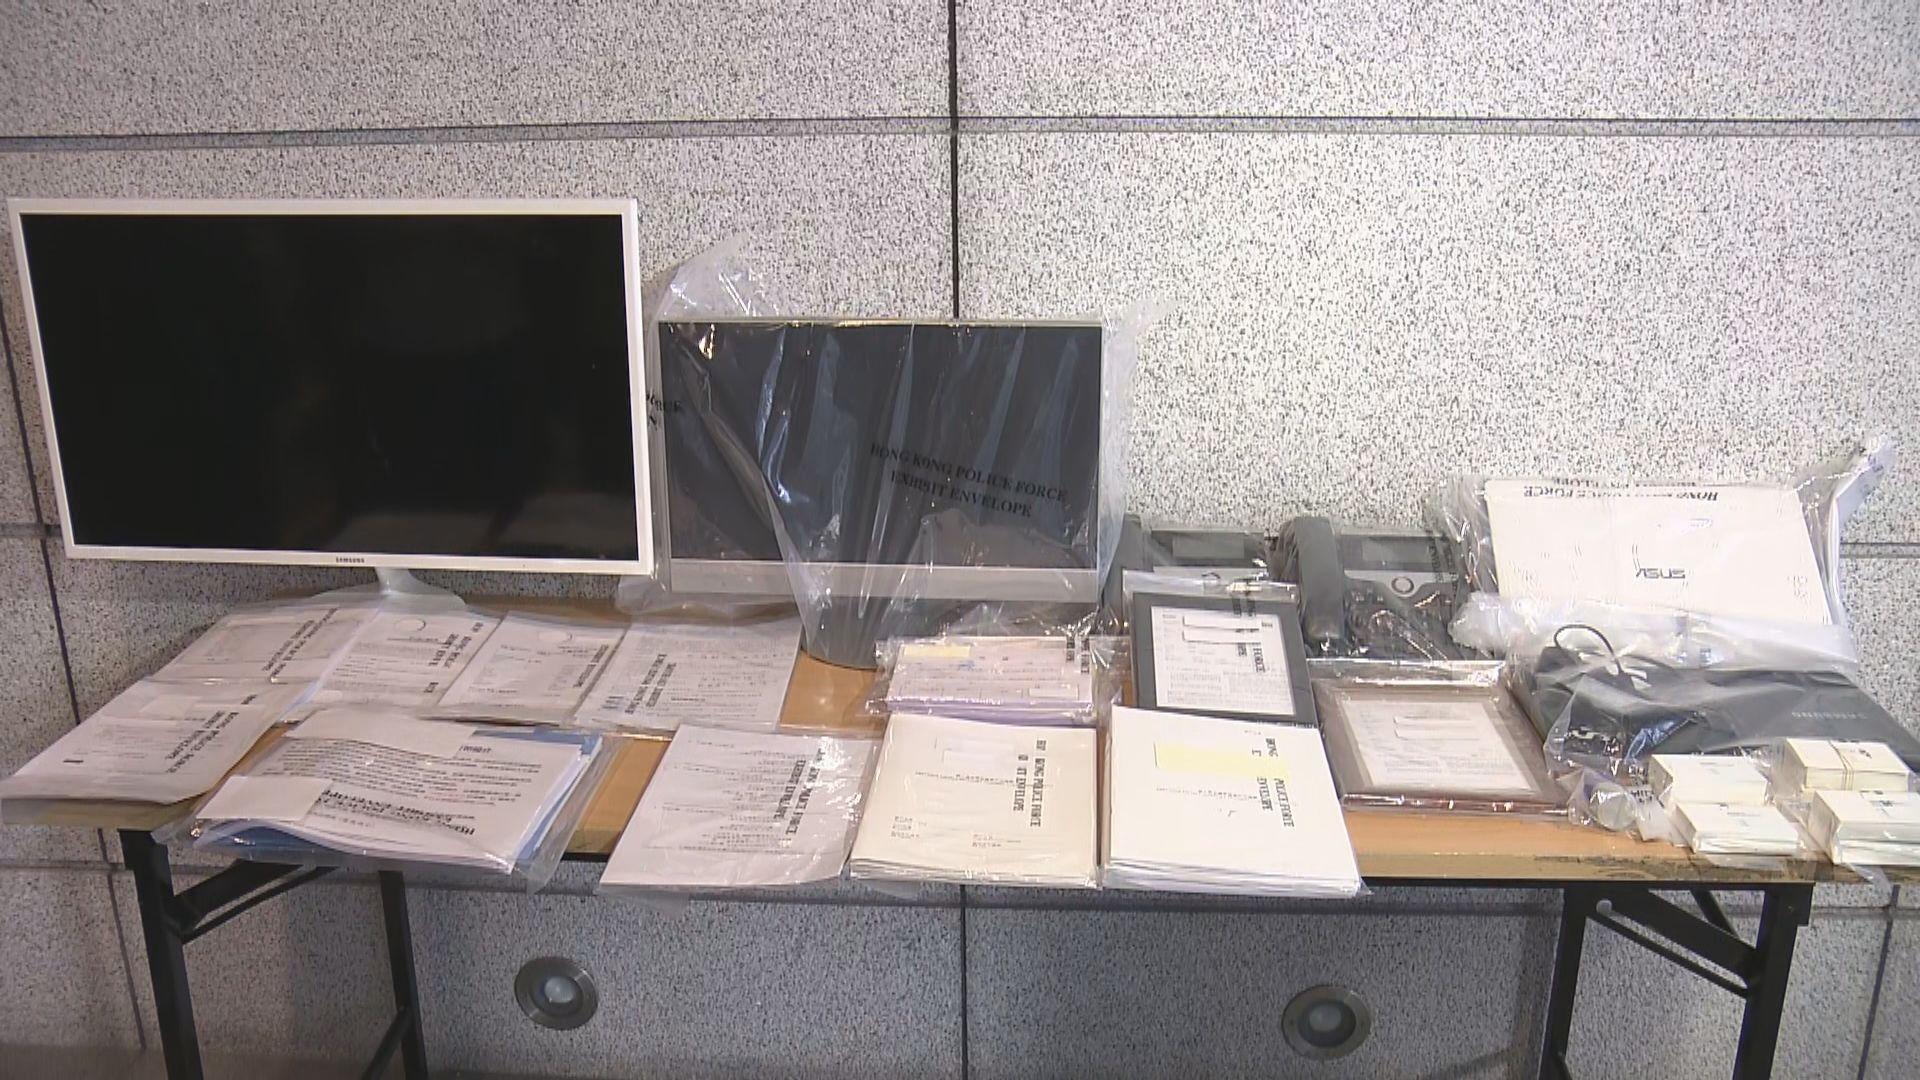 警方拘捕六人涉嫌利用倫敦金投資騙取一千萬元